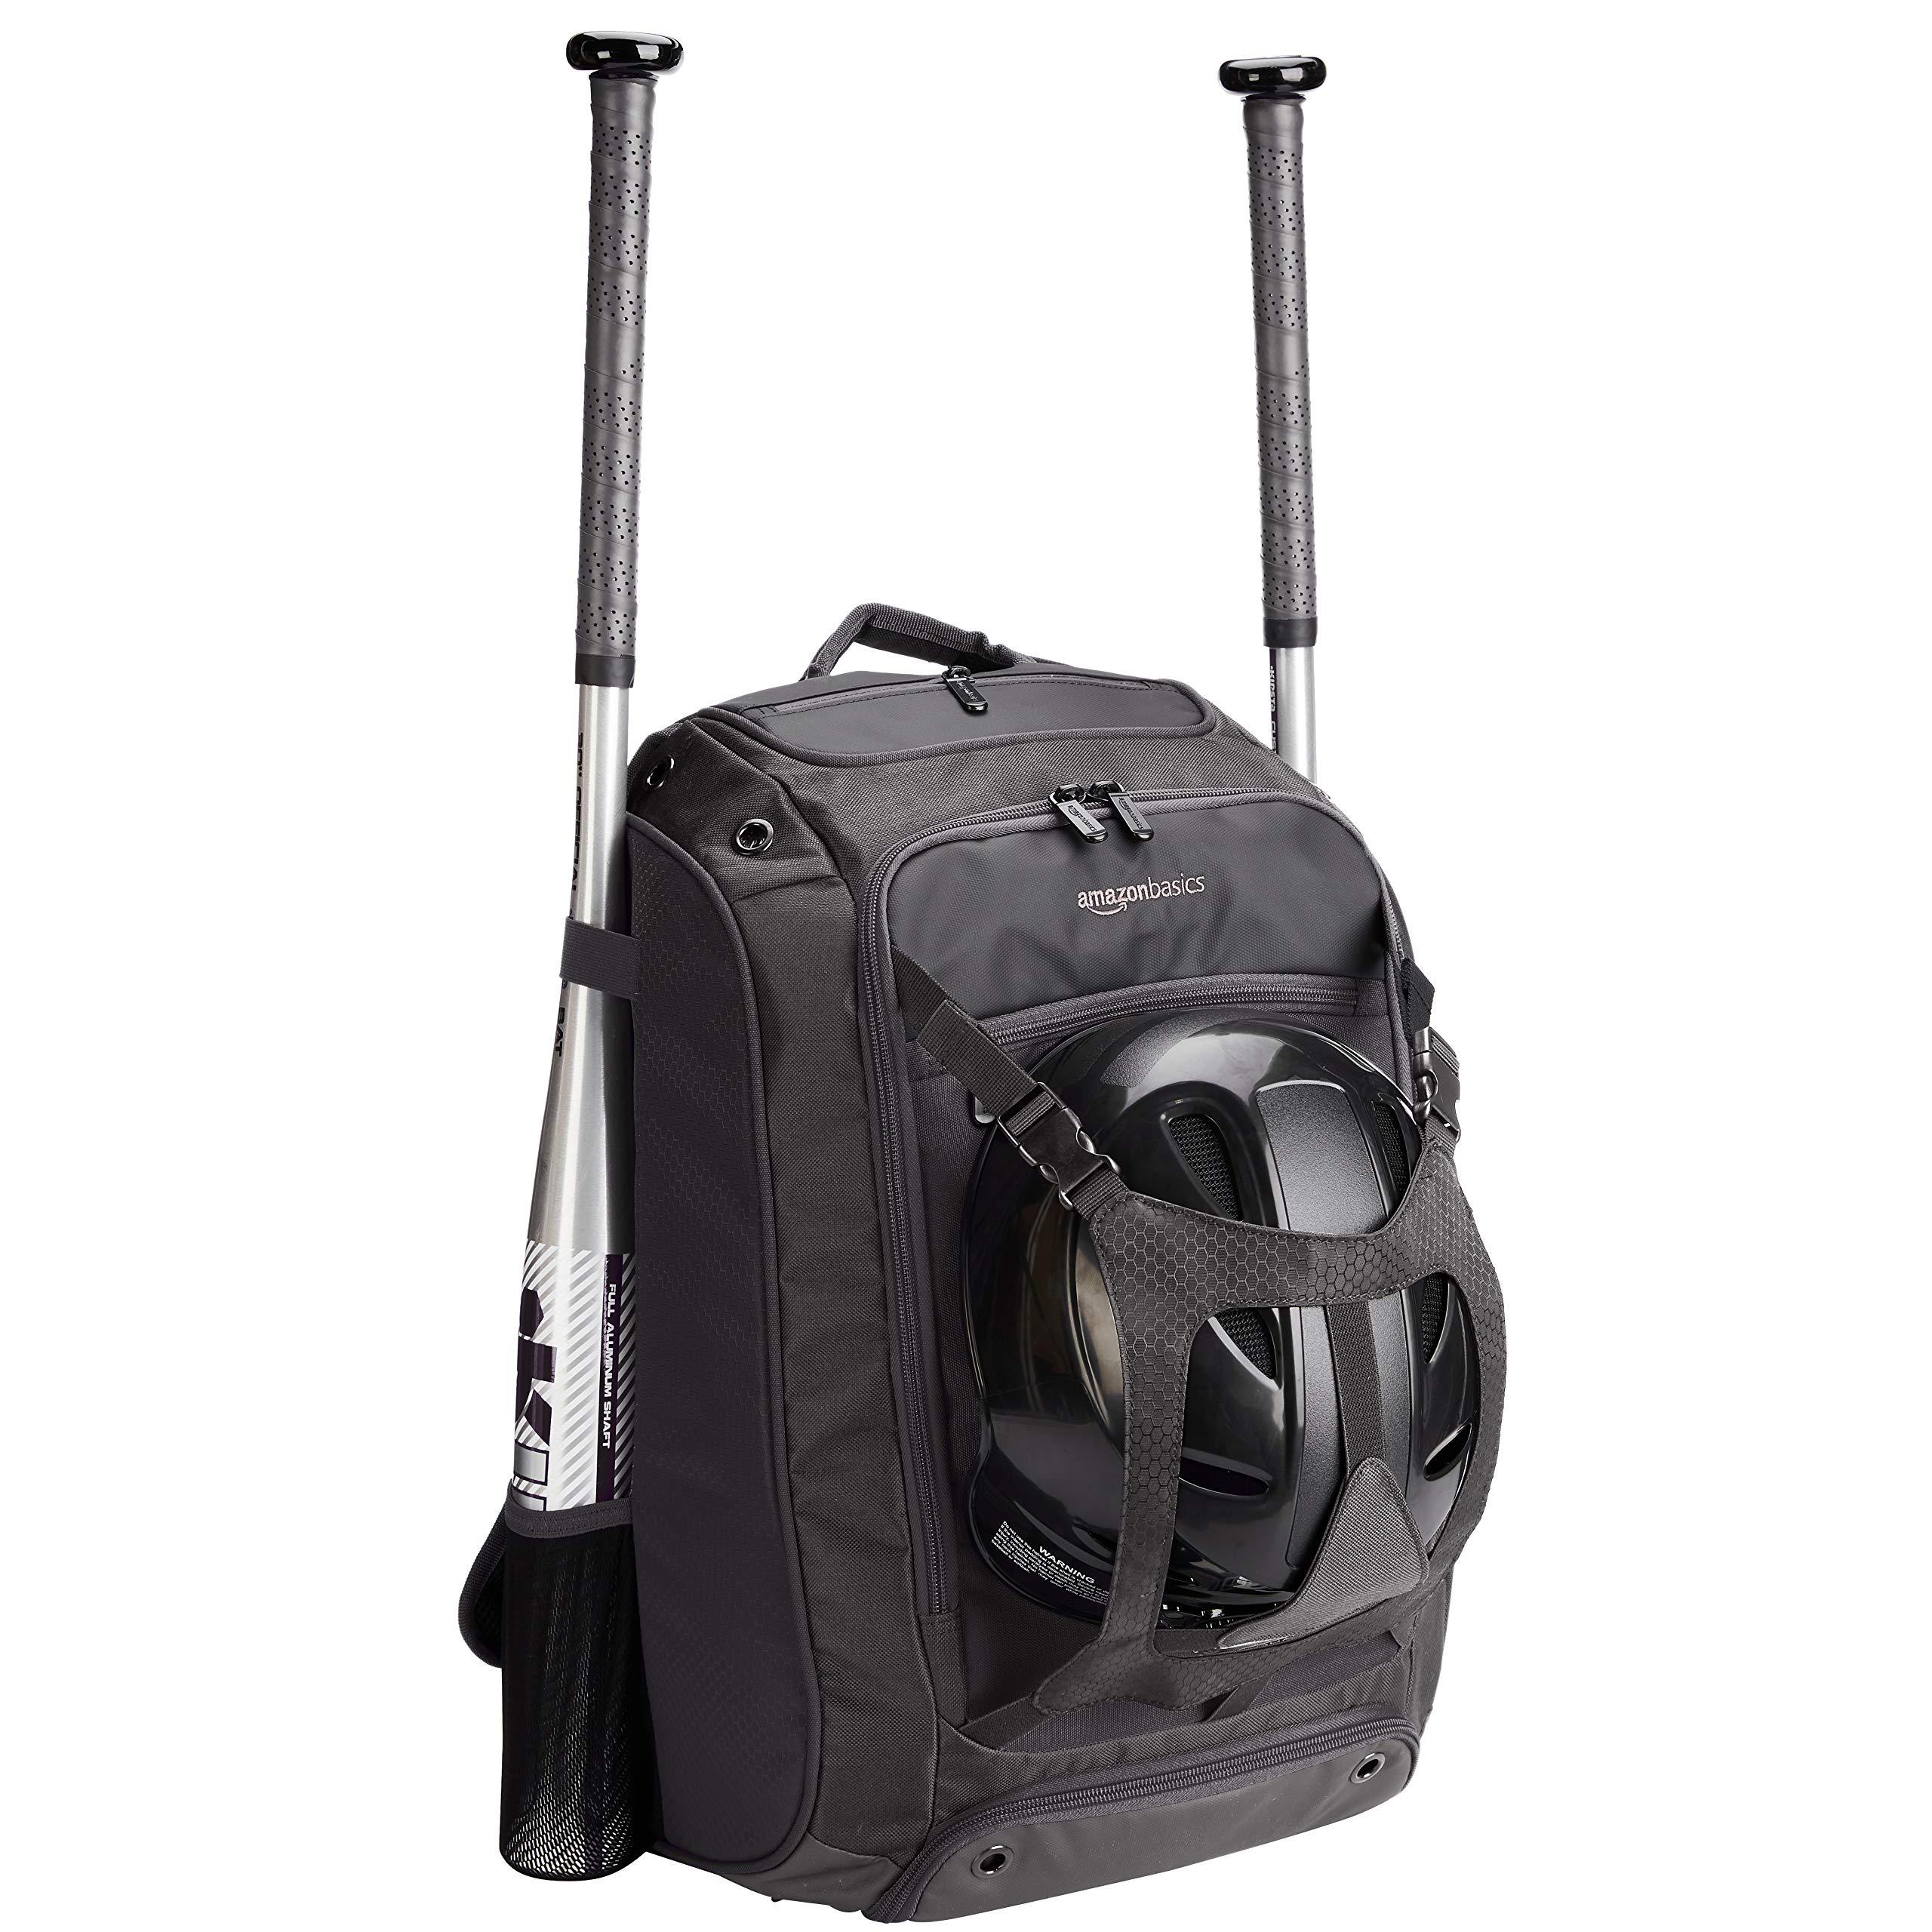 AmazonBasics Youth Baseball Equipment Backpack, Black by AmazonBasics (Image #1)